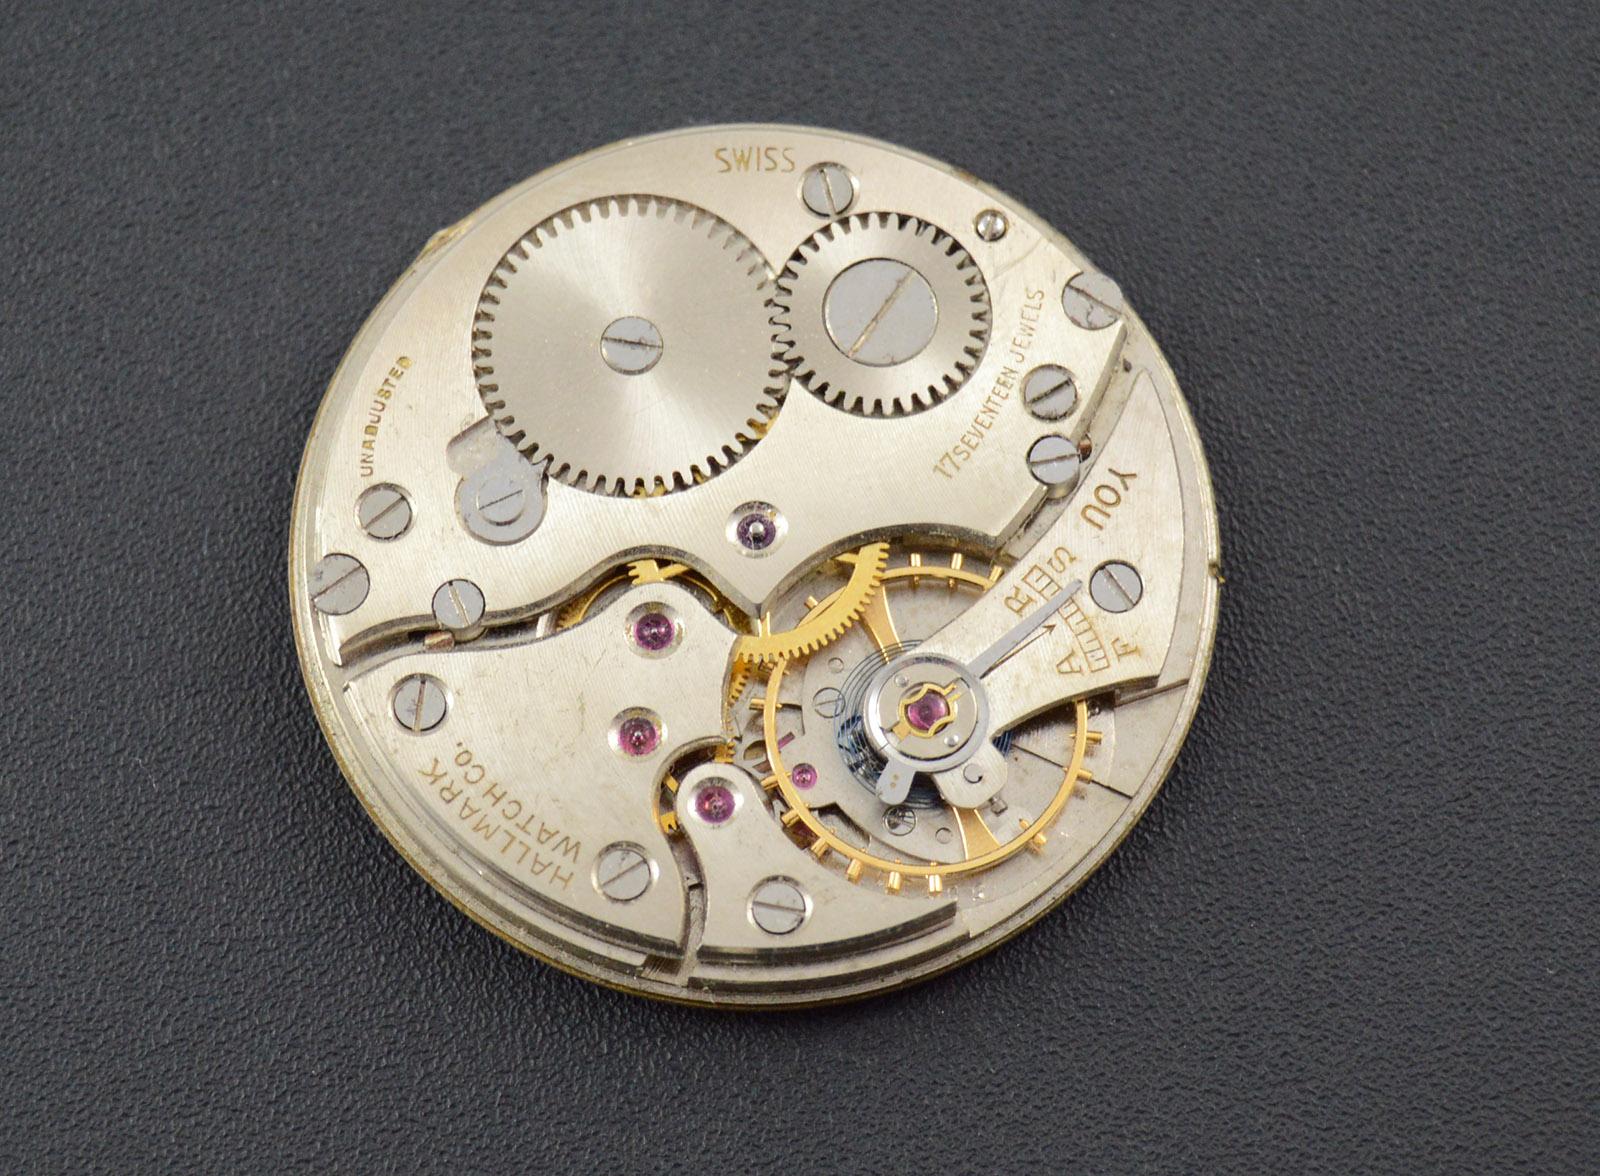 25g Vintage Hallmark Watch Co 38 6 Mm Face Pocket Watch